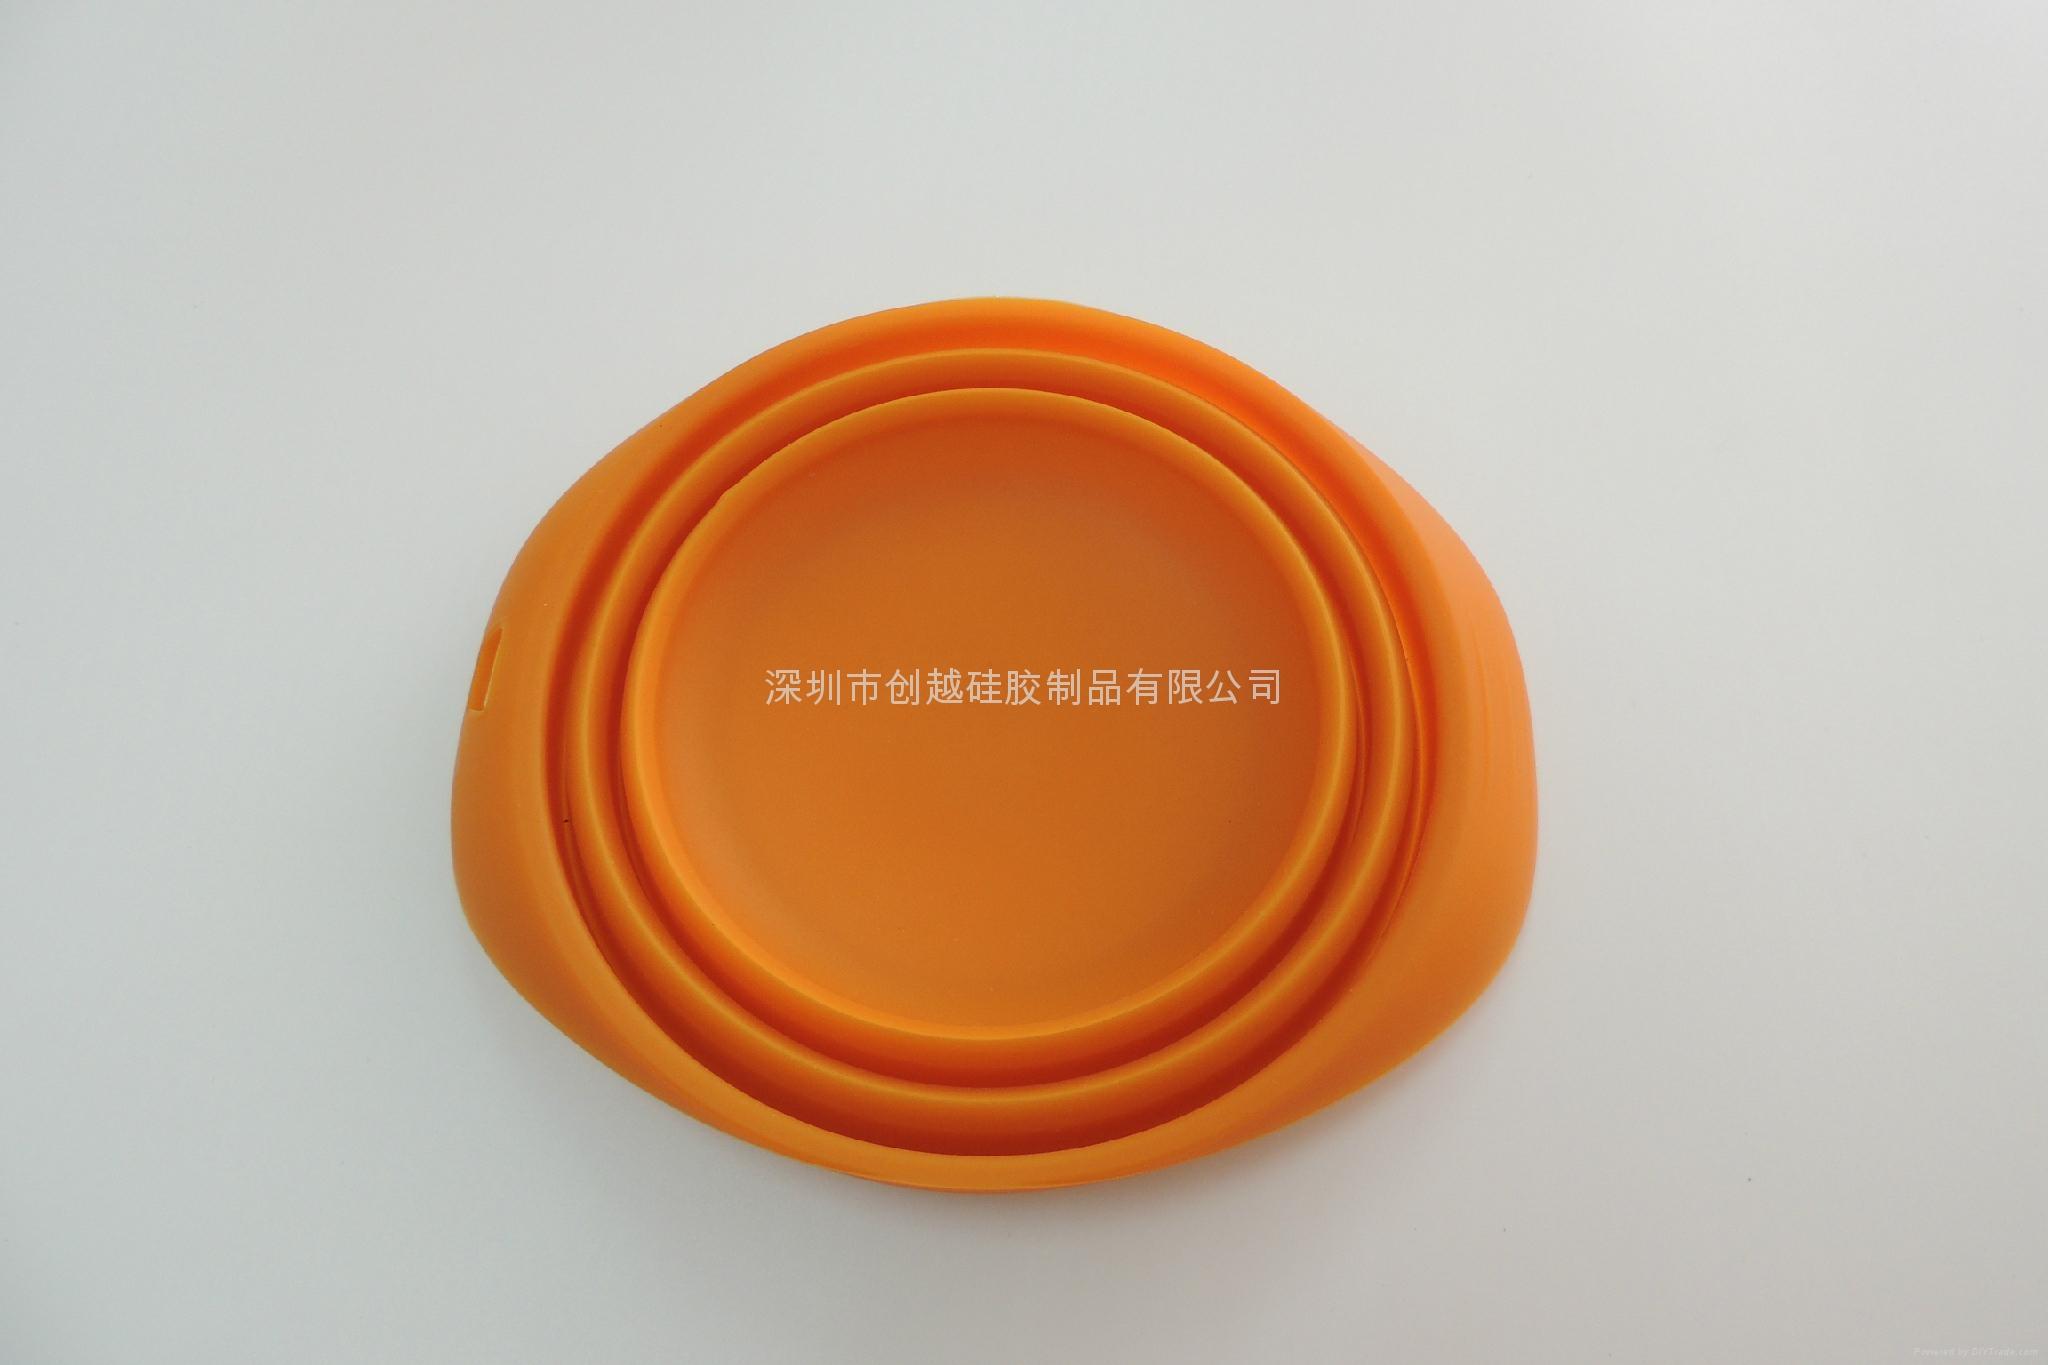 新款硅膠寵物折疊碗  4